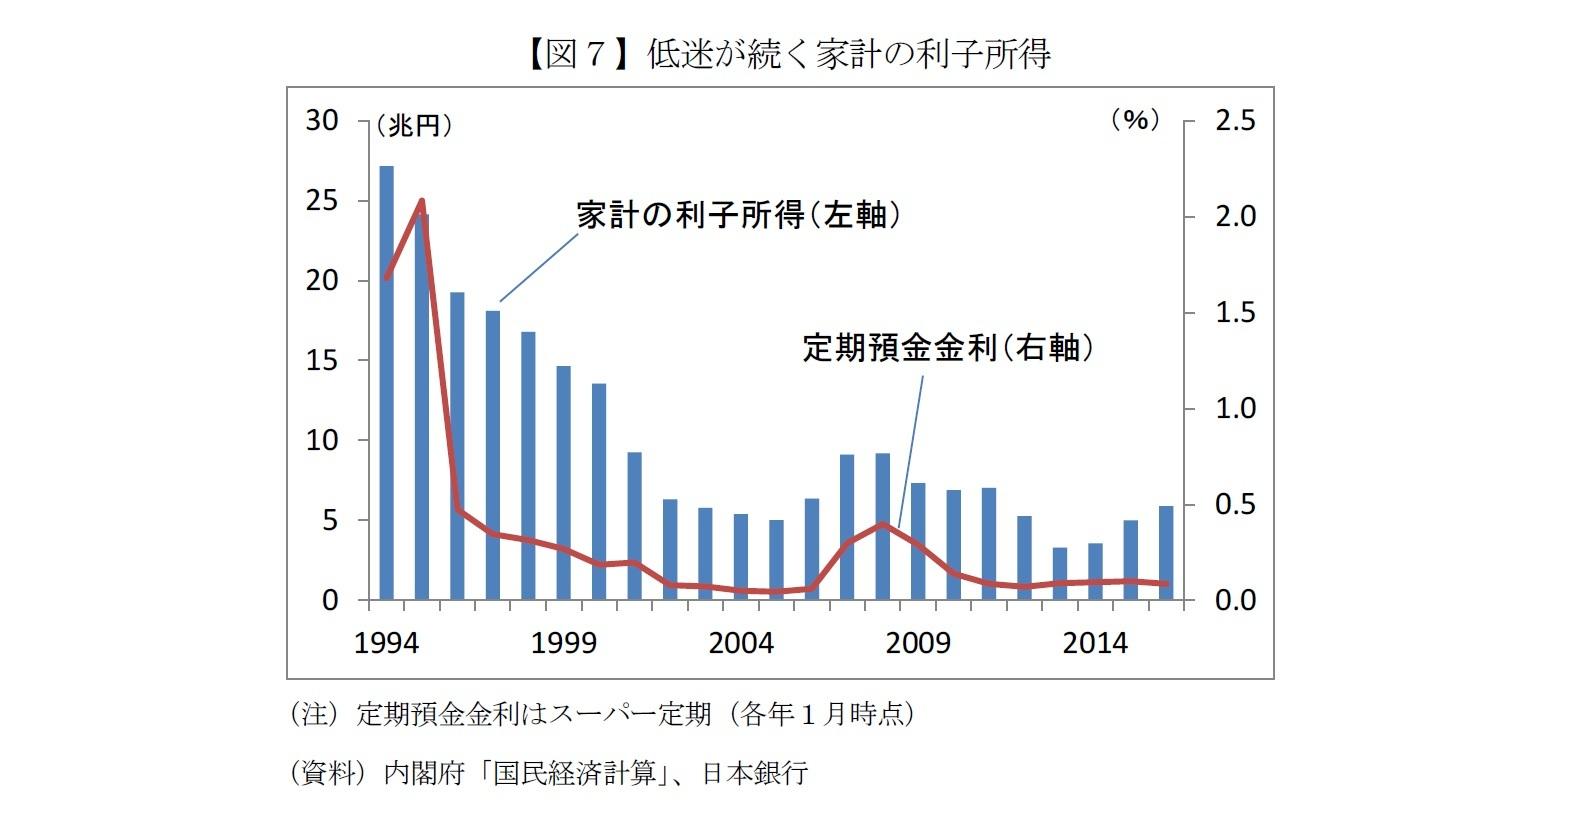 【図7】低迷が続く家計の利子所得